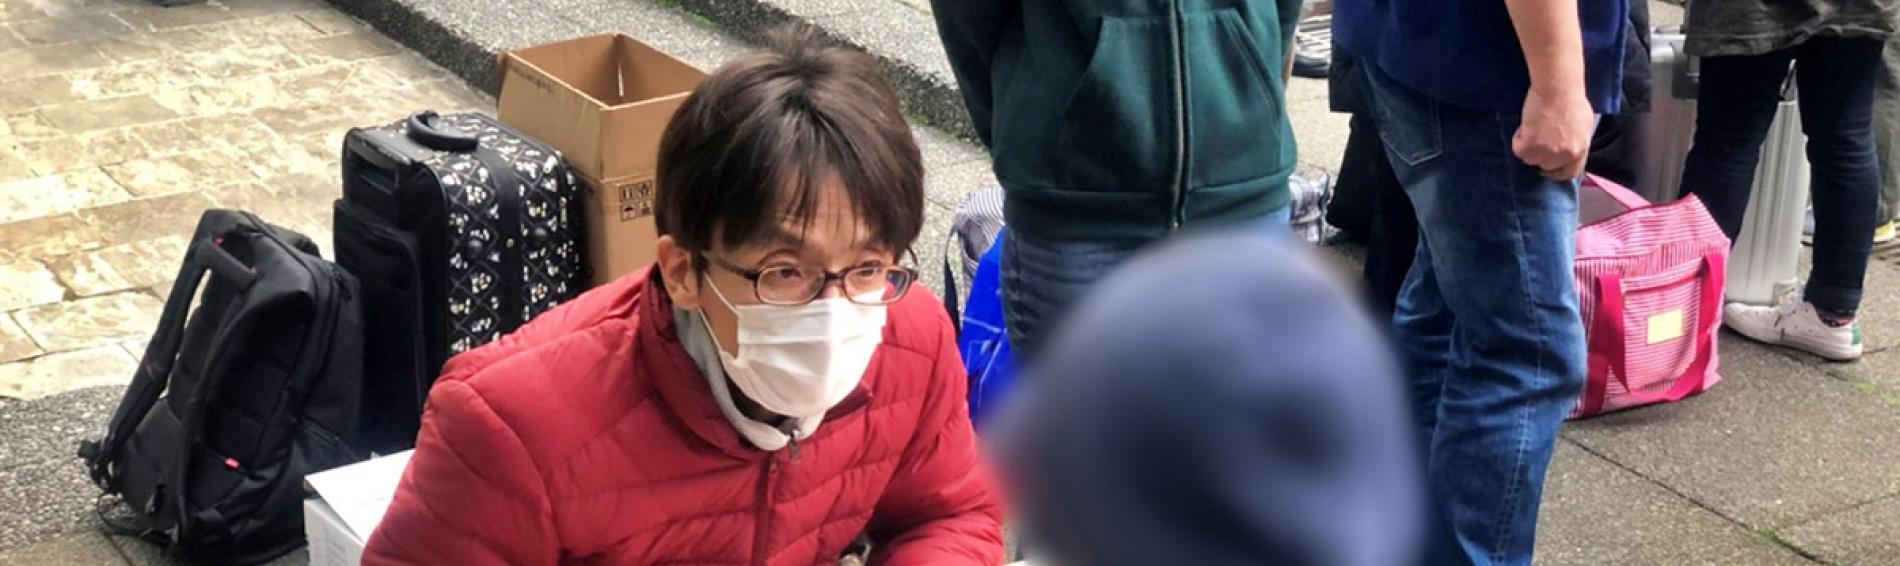 Ärzte der Welt Japan führt für Obdachlose Informationskampagnen durch. Foto: Ärzte der Welt